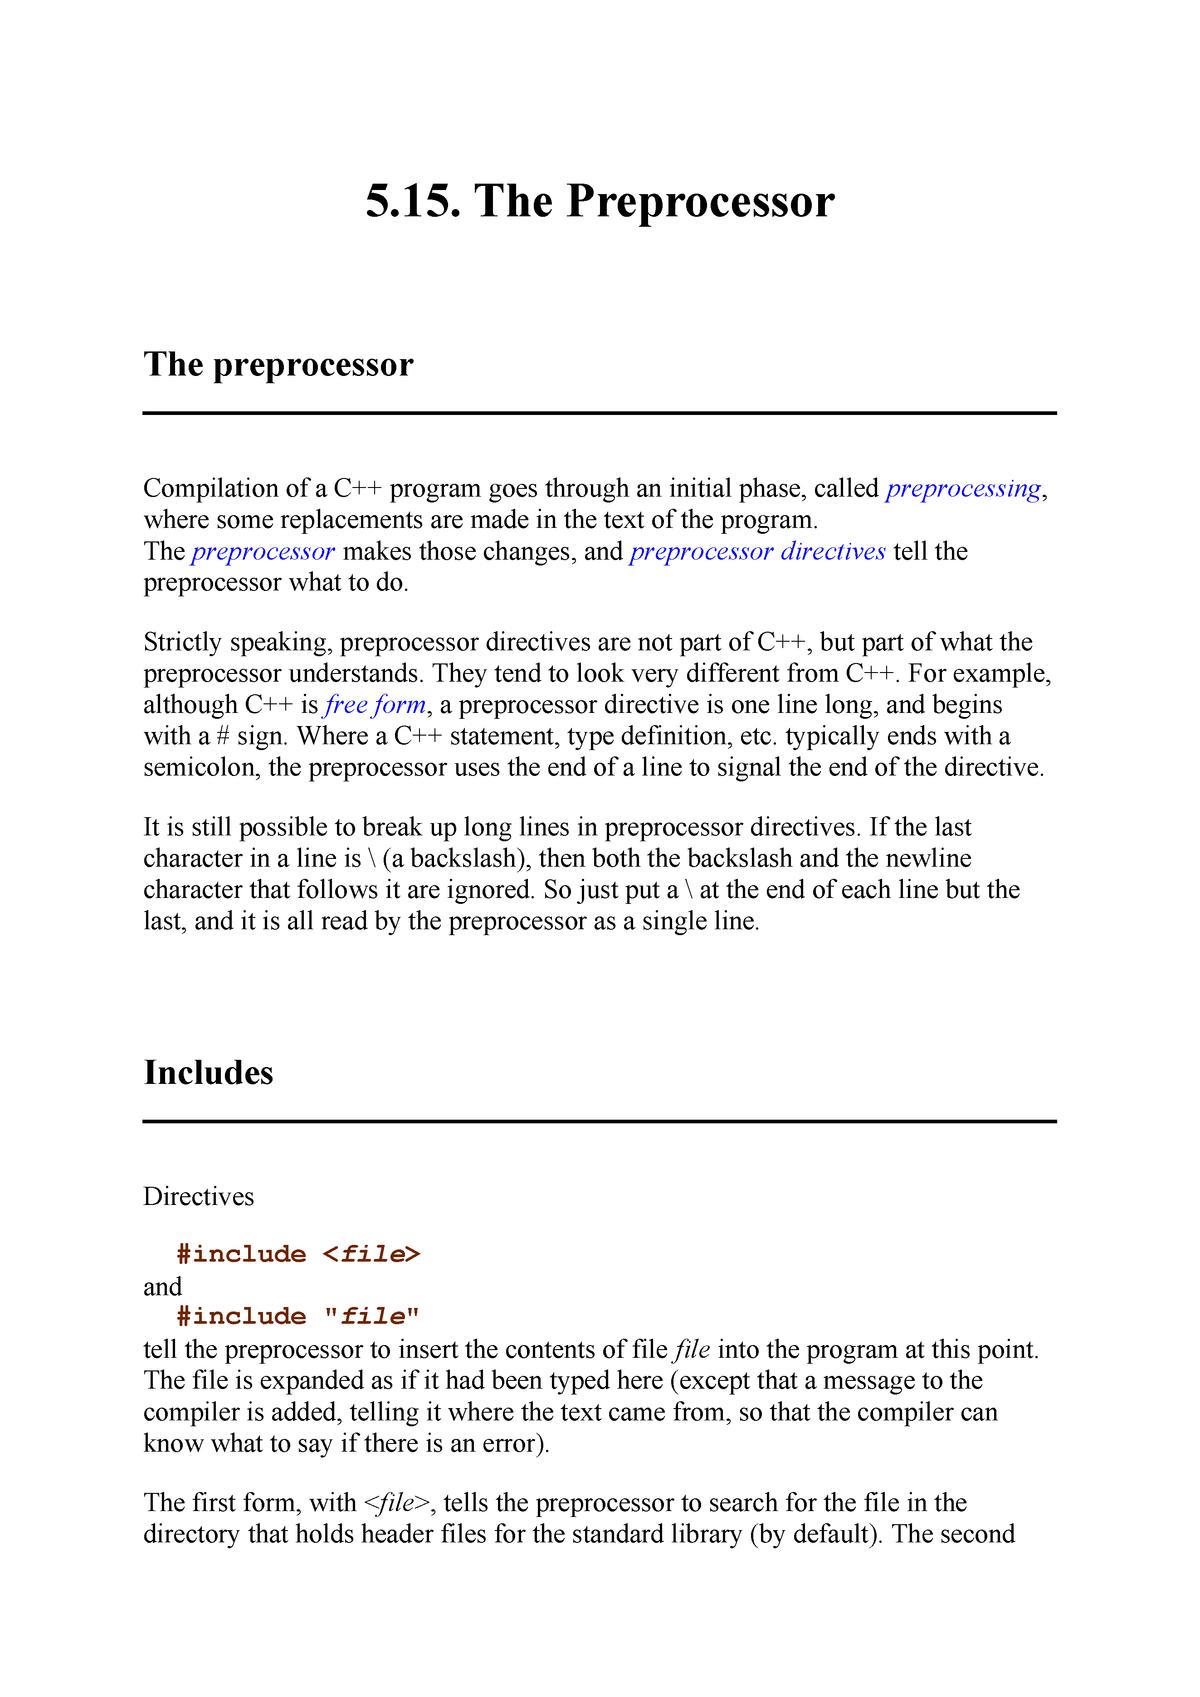 5 15  The Preprocessor - CSCI 3300 - ECU - StuDocu